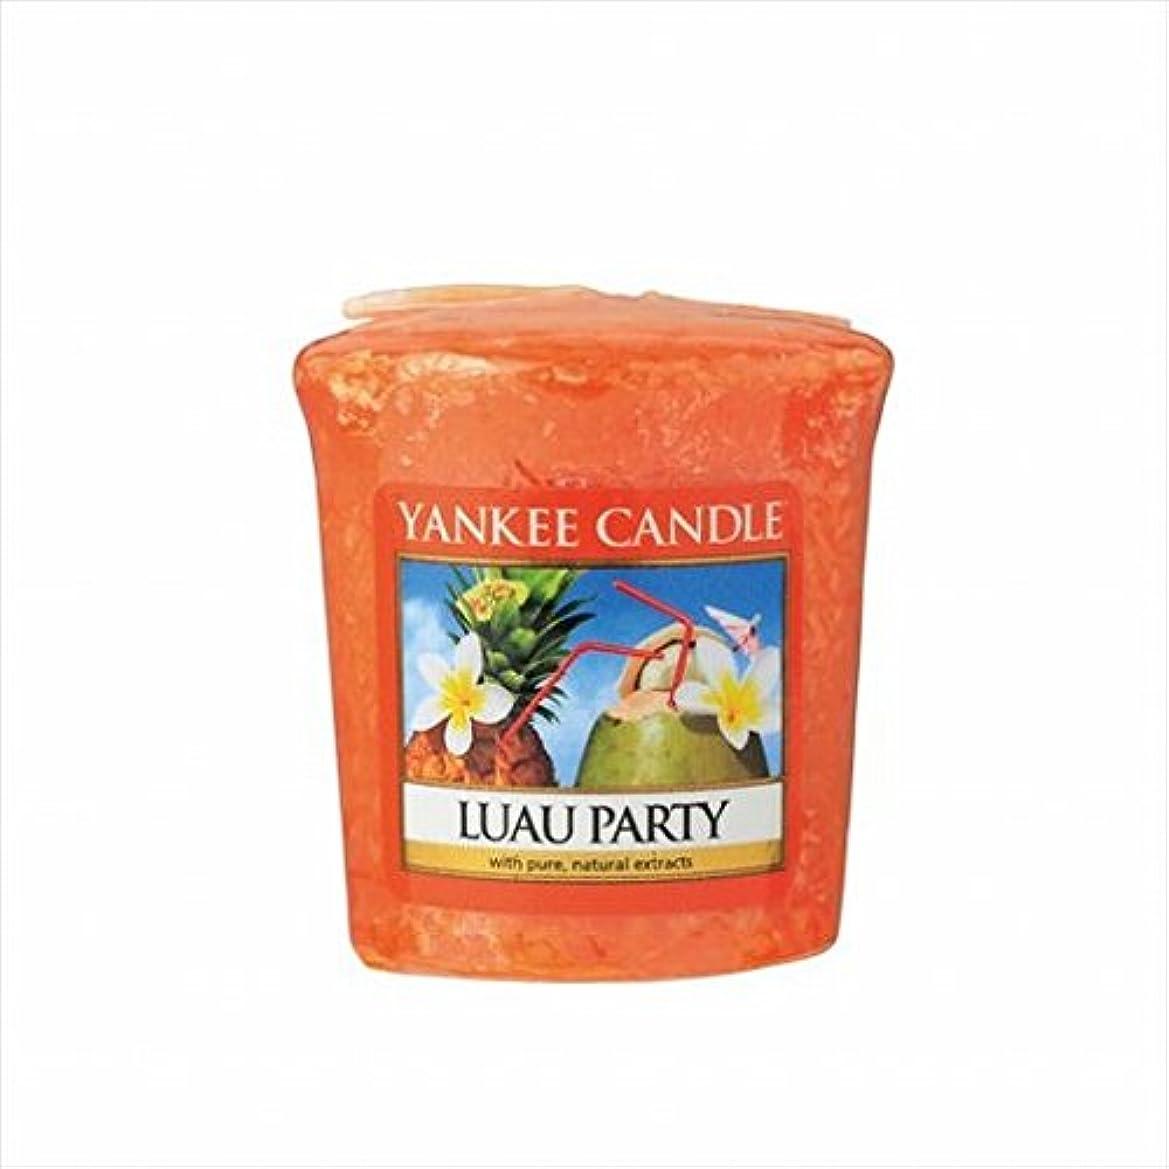 満足させる君主制規定カメヤマキャンドル(kameyama candle) YANKEE CANDLE サンプラー 「 ルーアウパーティ 」